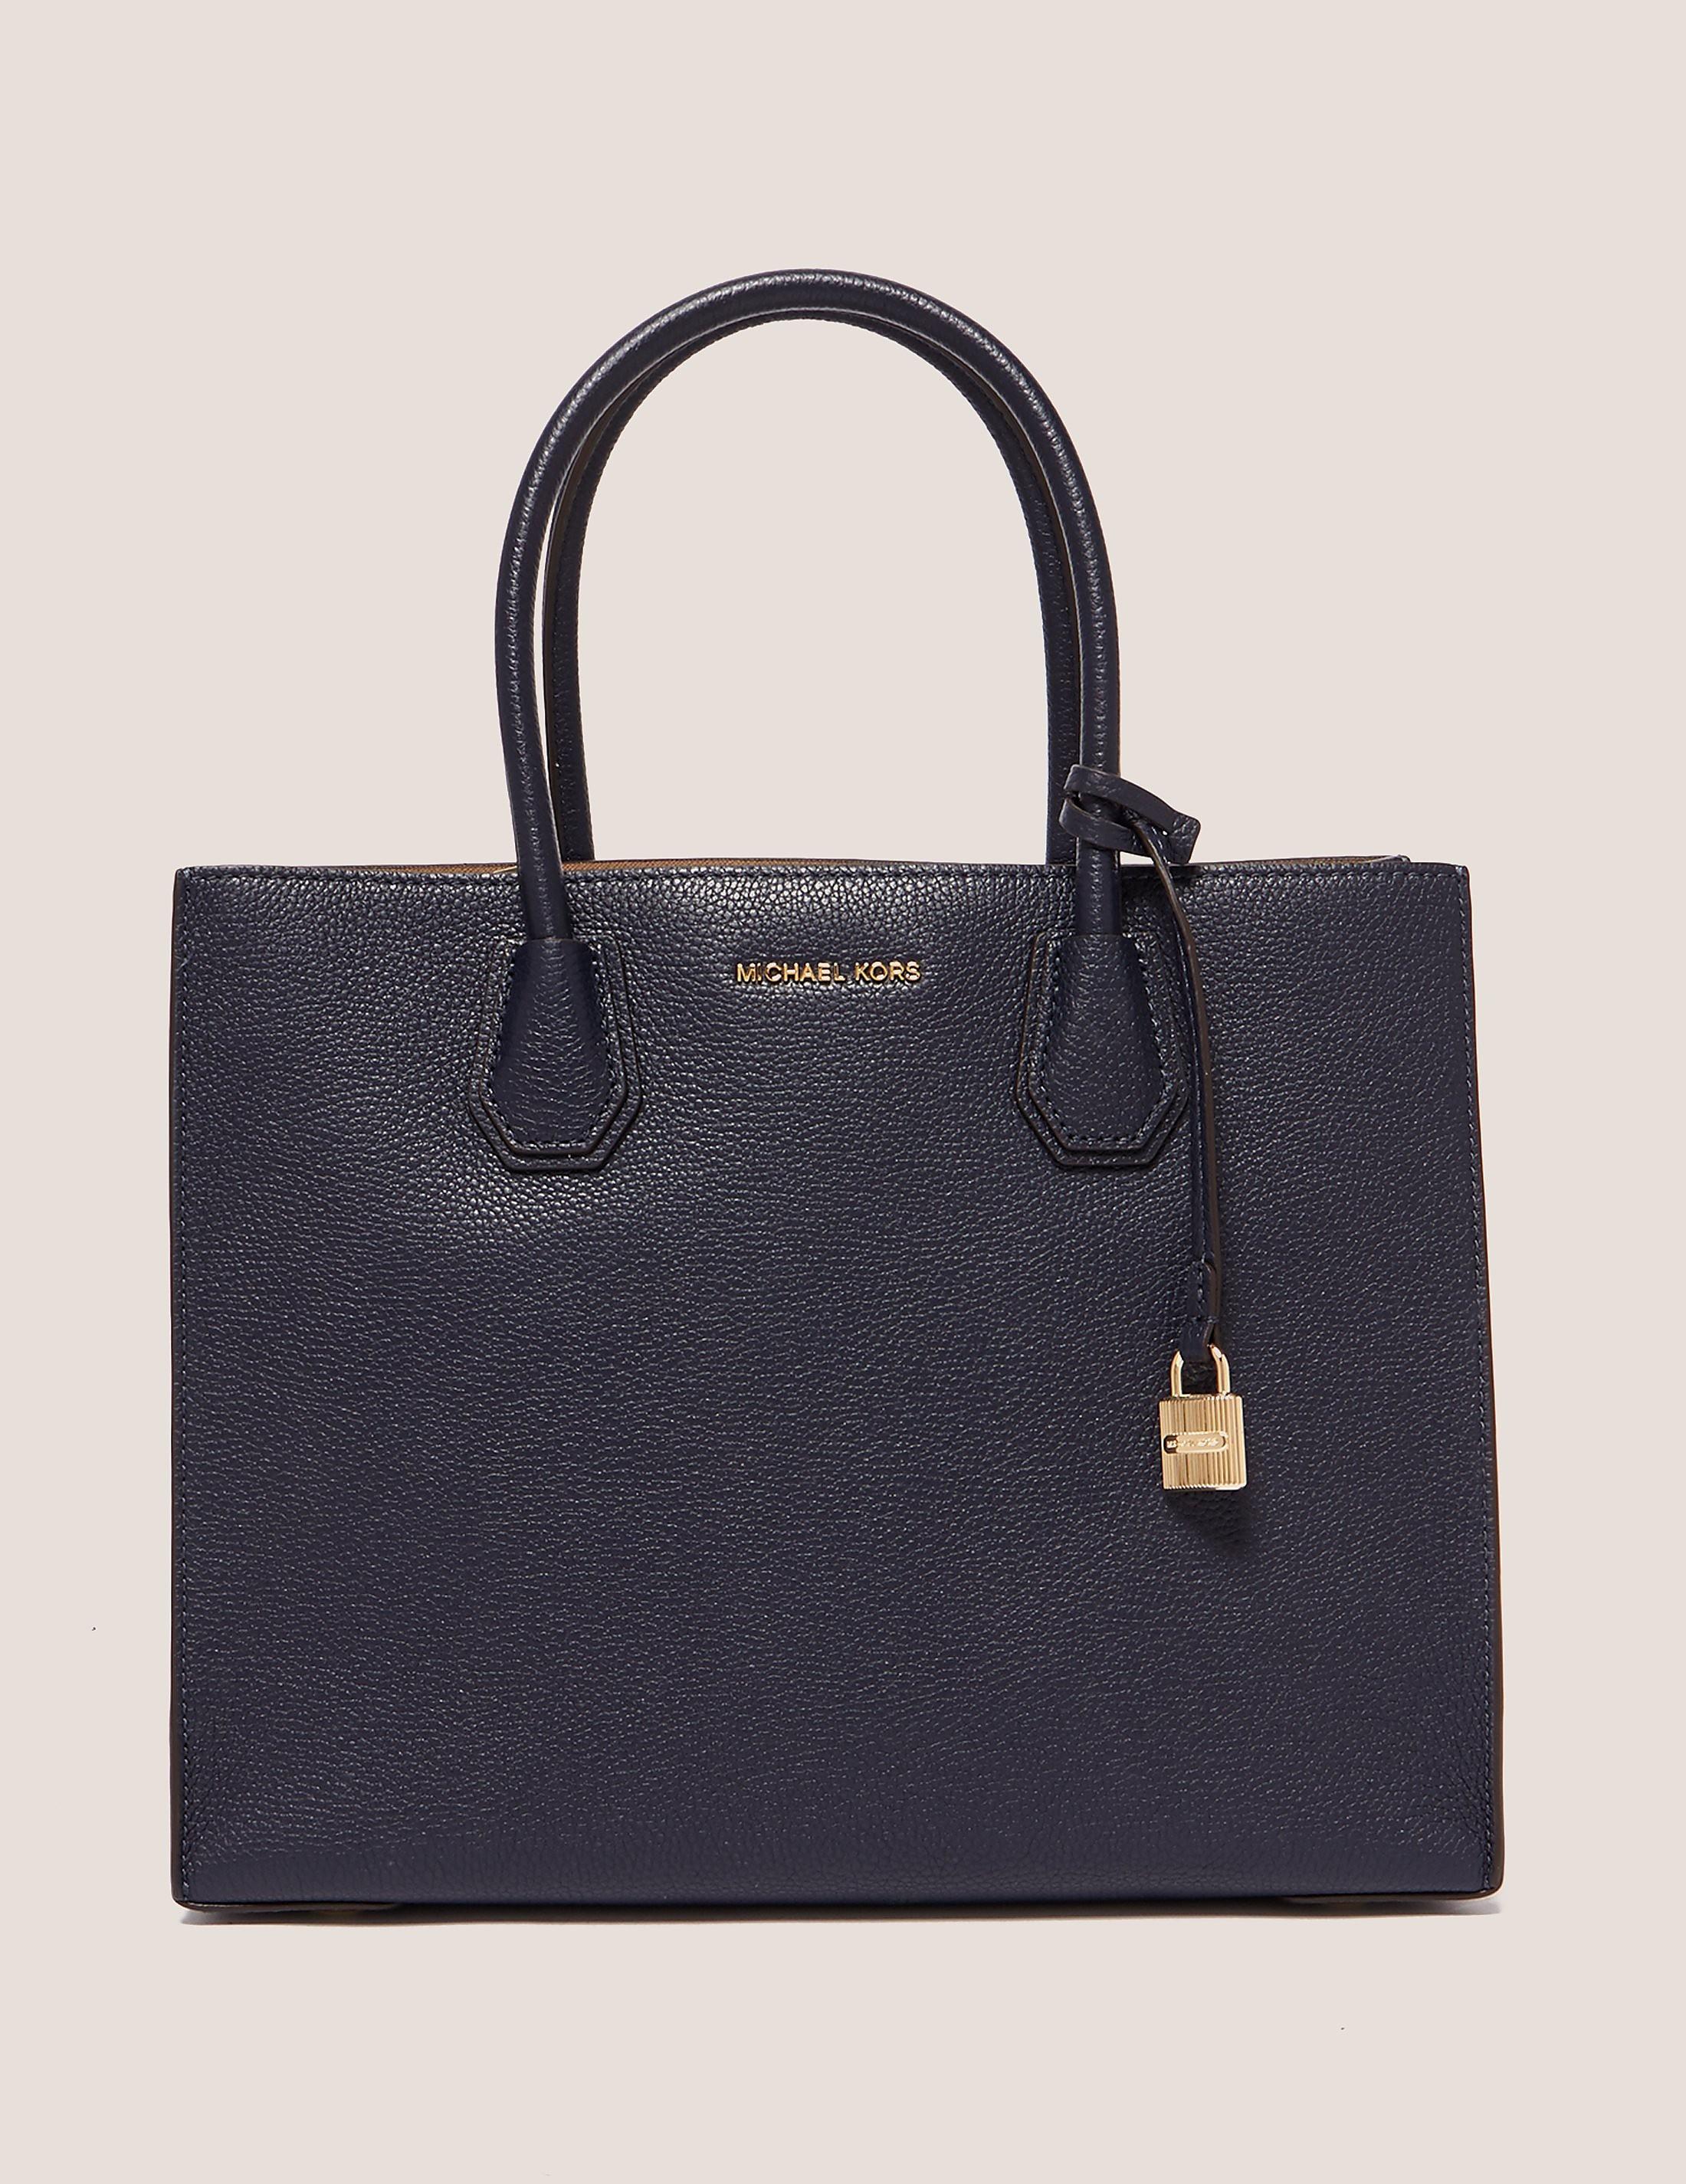 Michael Kors Mercer Large Convertible Tote Bag